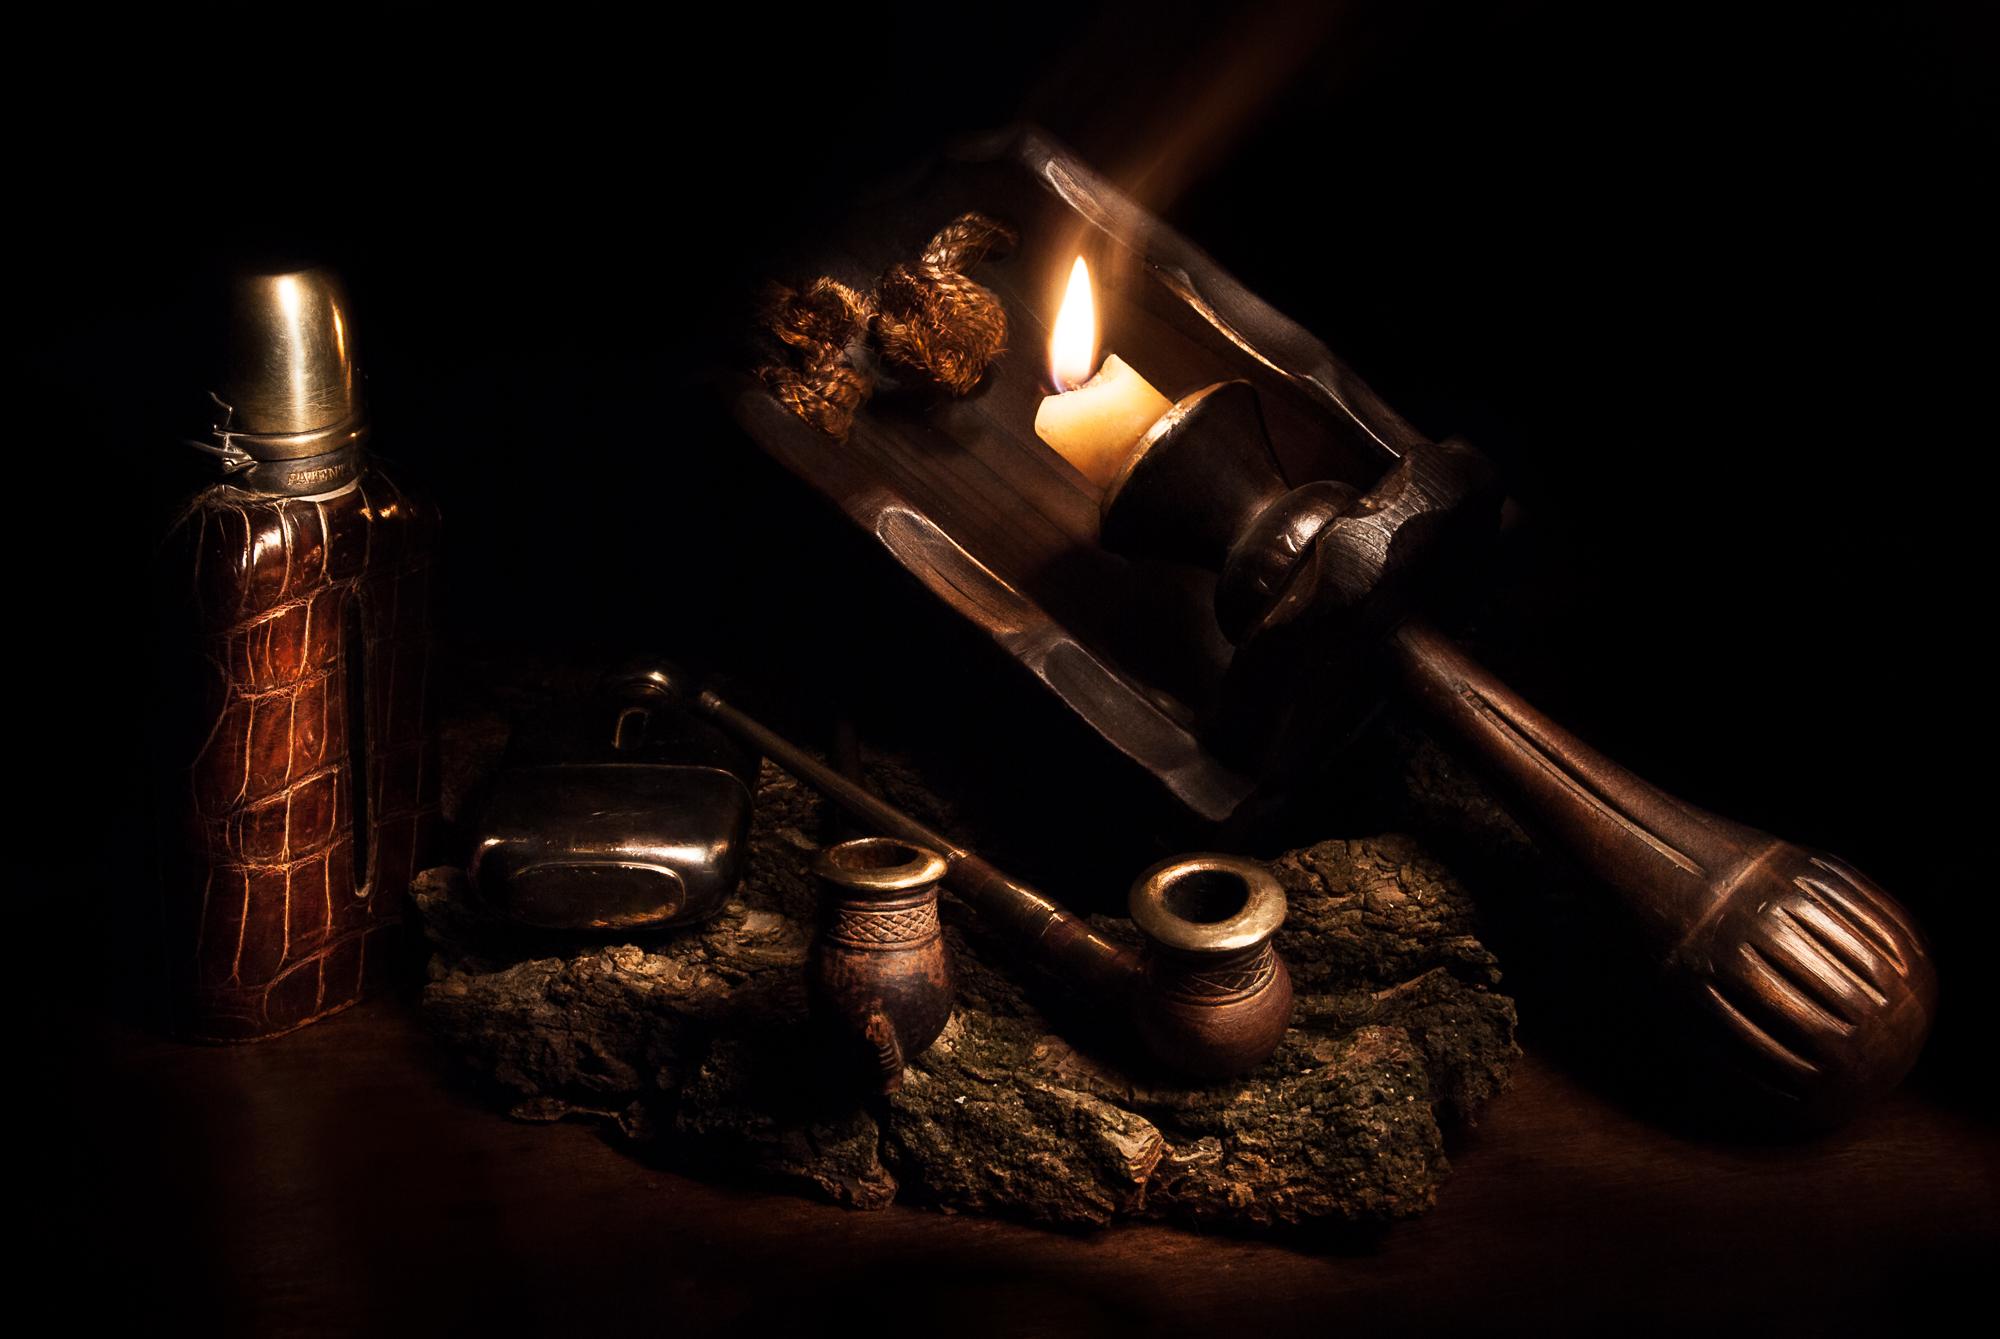 Whisky e tabacco...